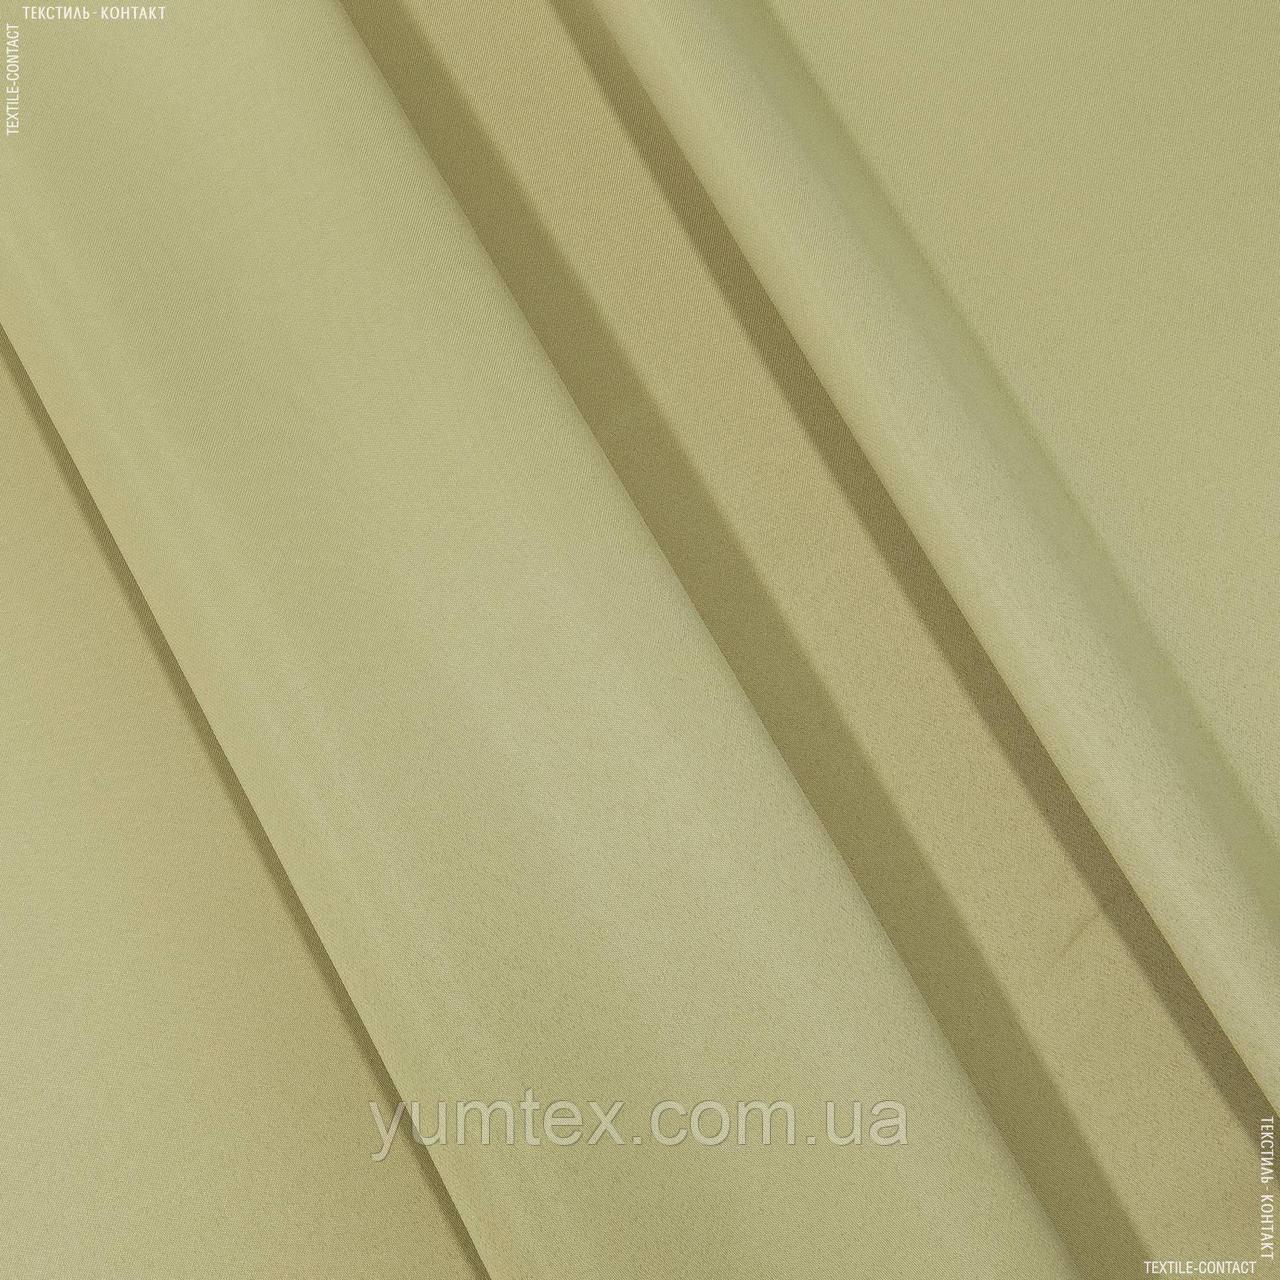 Декоративний атлас корсика беж-золото 140813